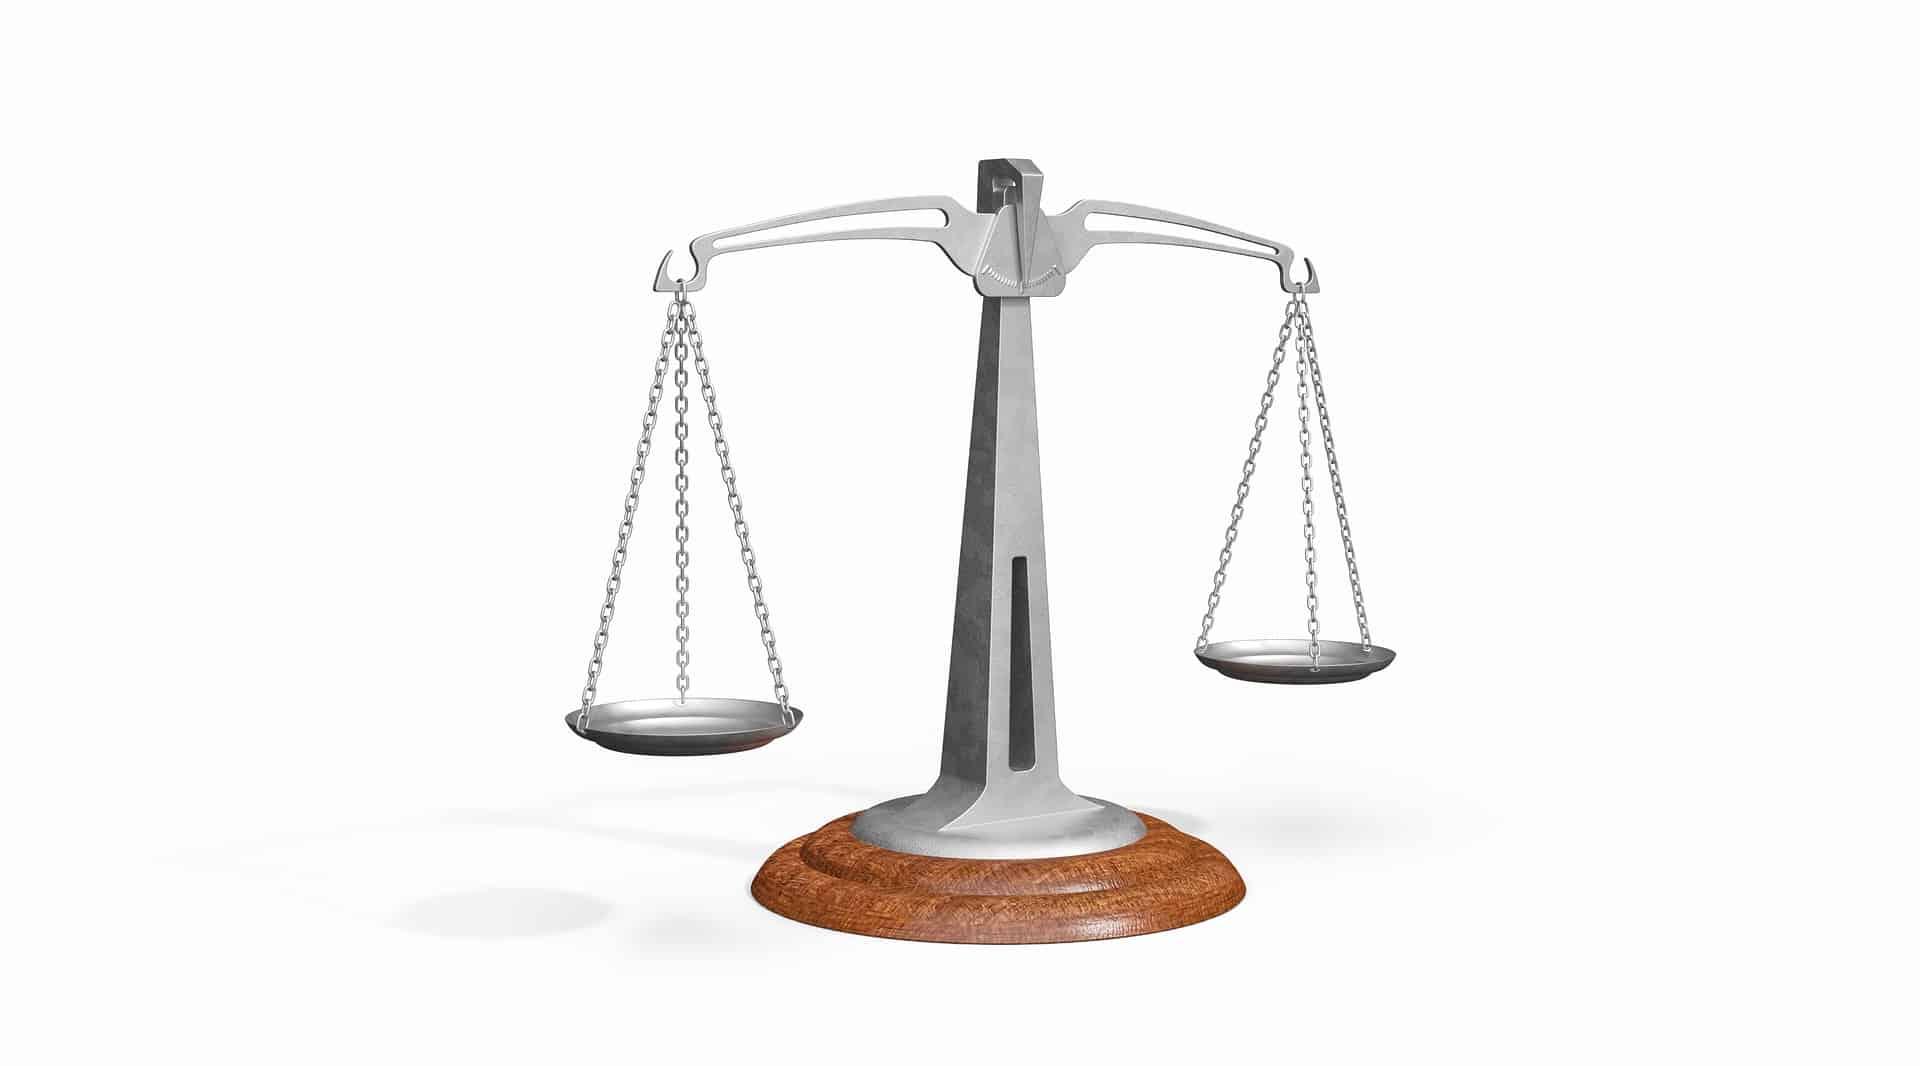 Bezpłatne szkolenie z ochrony praw konsumentów